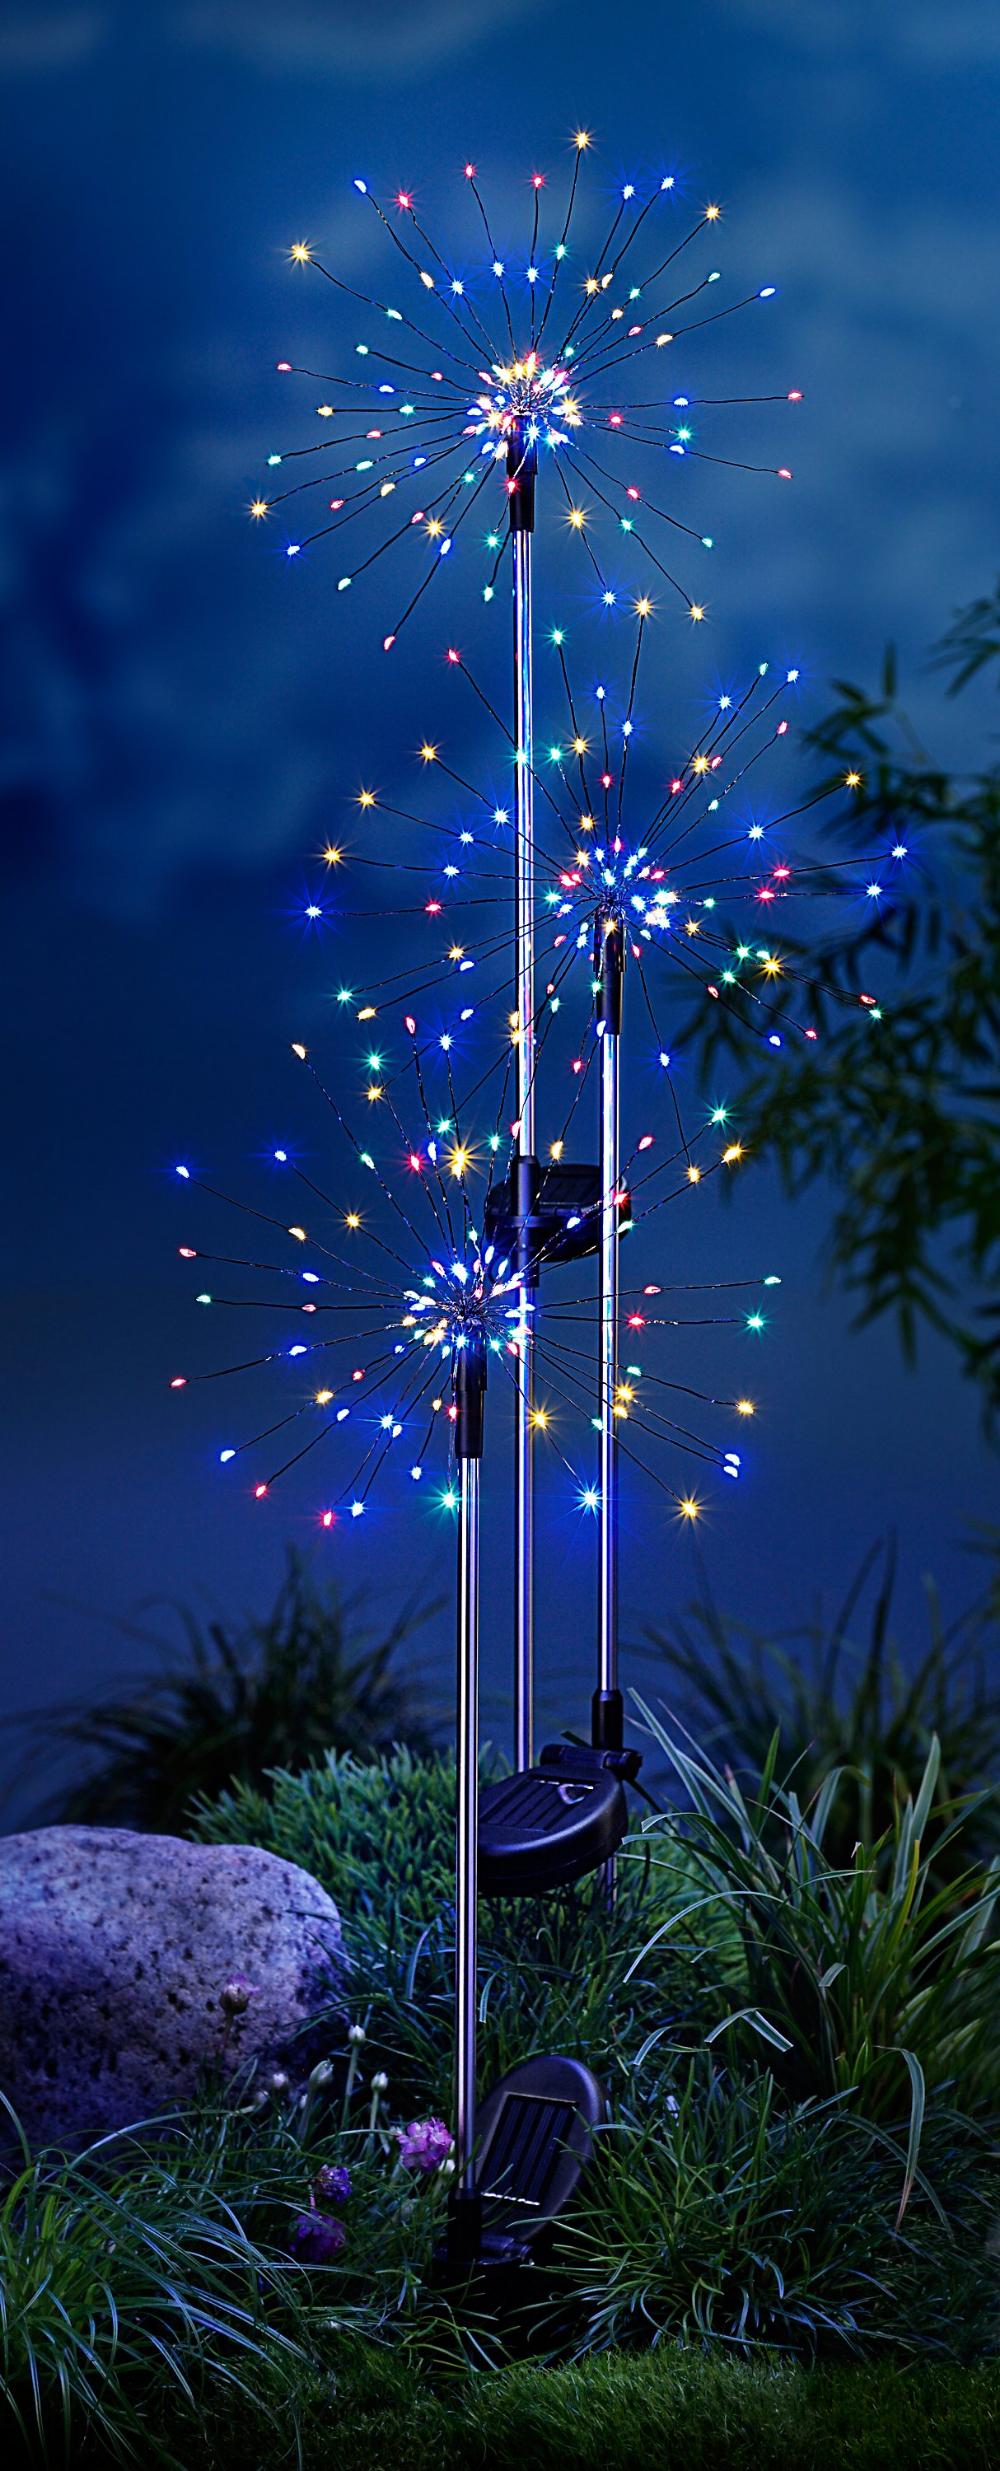 solargartenstecker lichtpunktenzu lichtstimmung leuchtaufstze ...